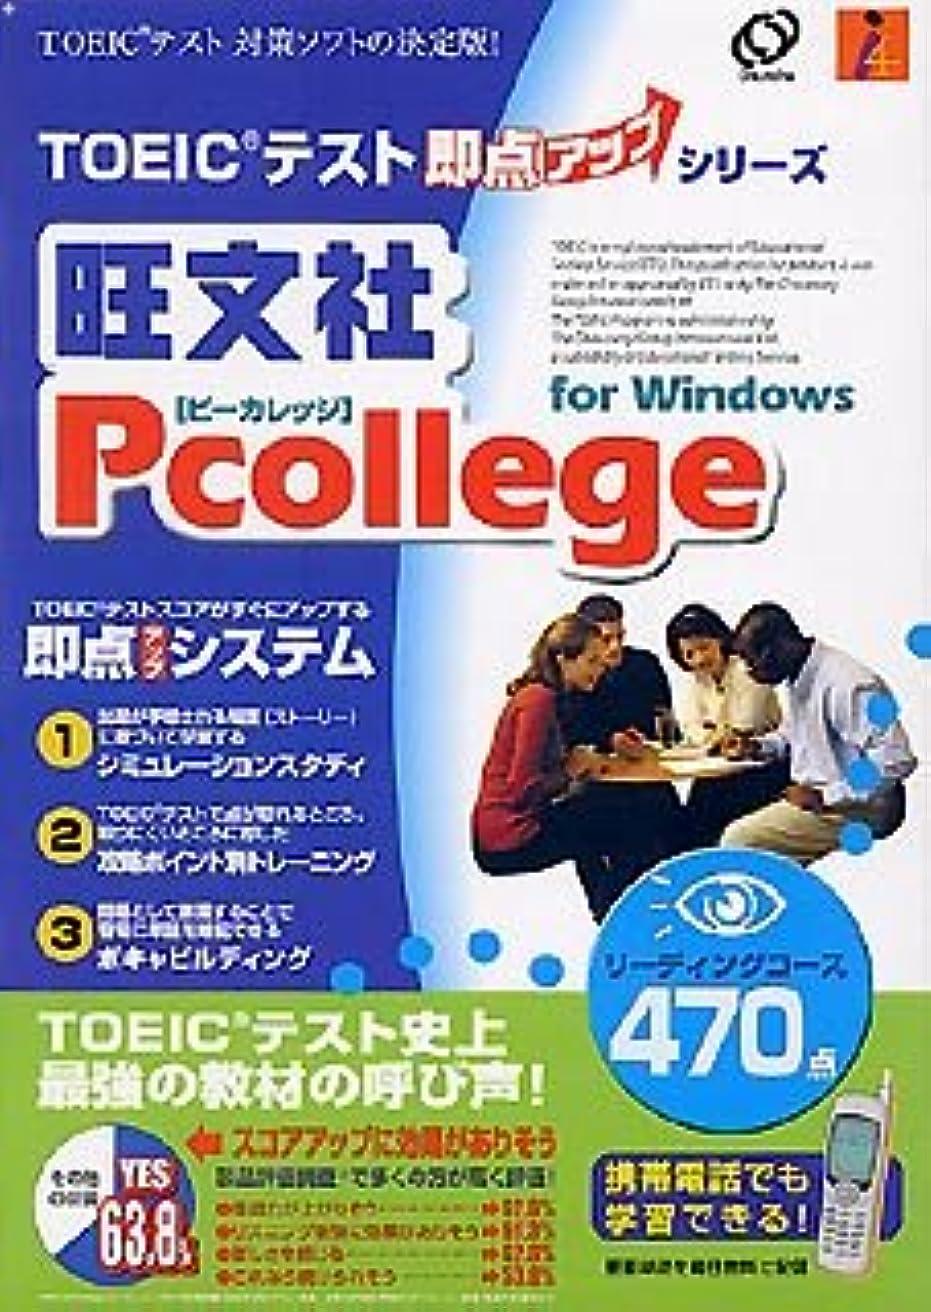 助言到着するジョイント旺文社 Pcollege for Windows リーディングコース 470点